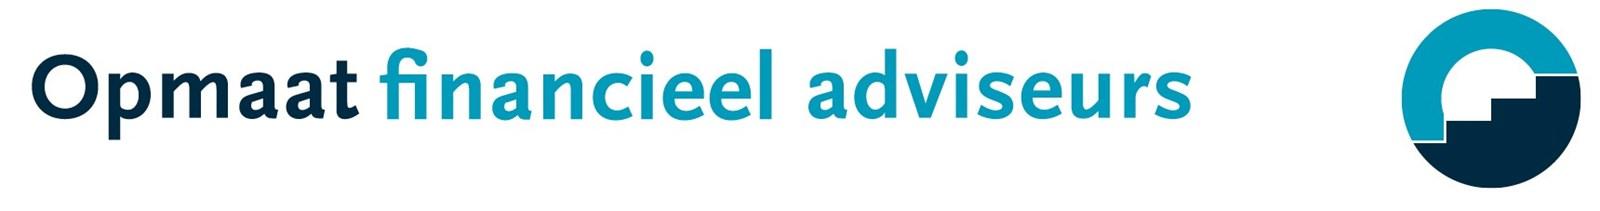 Logo van Opmaat financieel adviseurs Houten